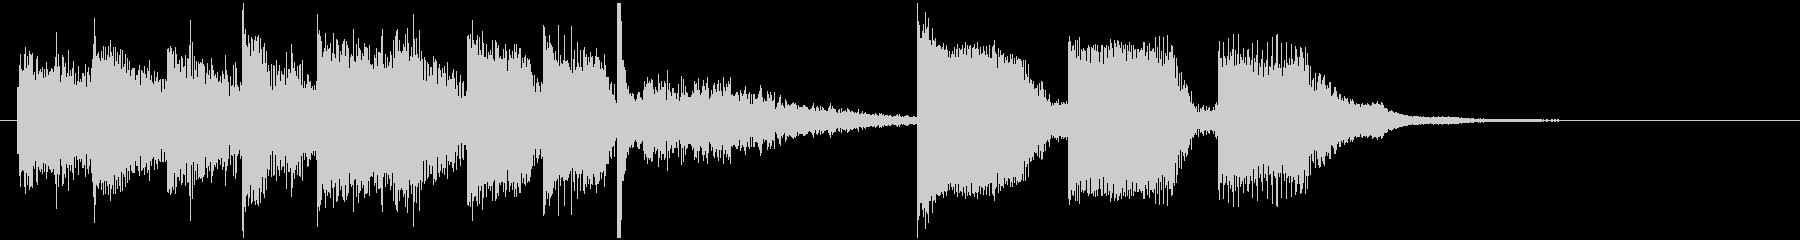 シンセ中心のコミカル曲_ジングルの未再生の波形